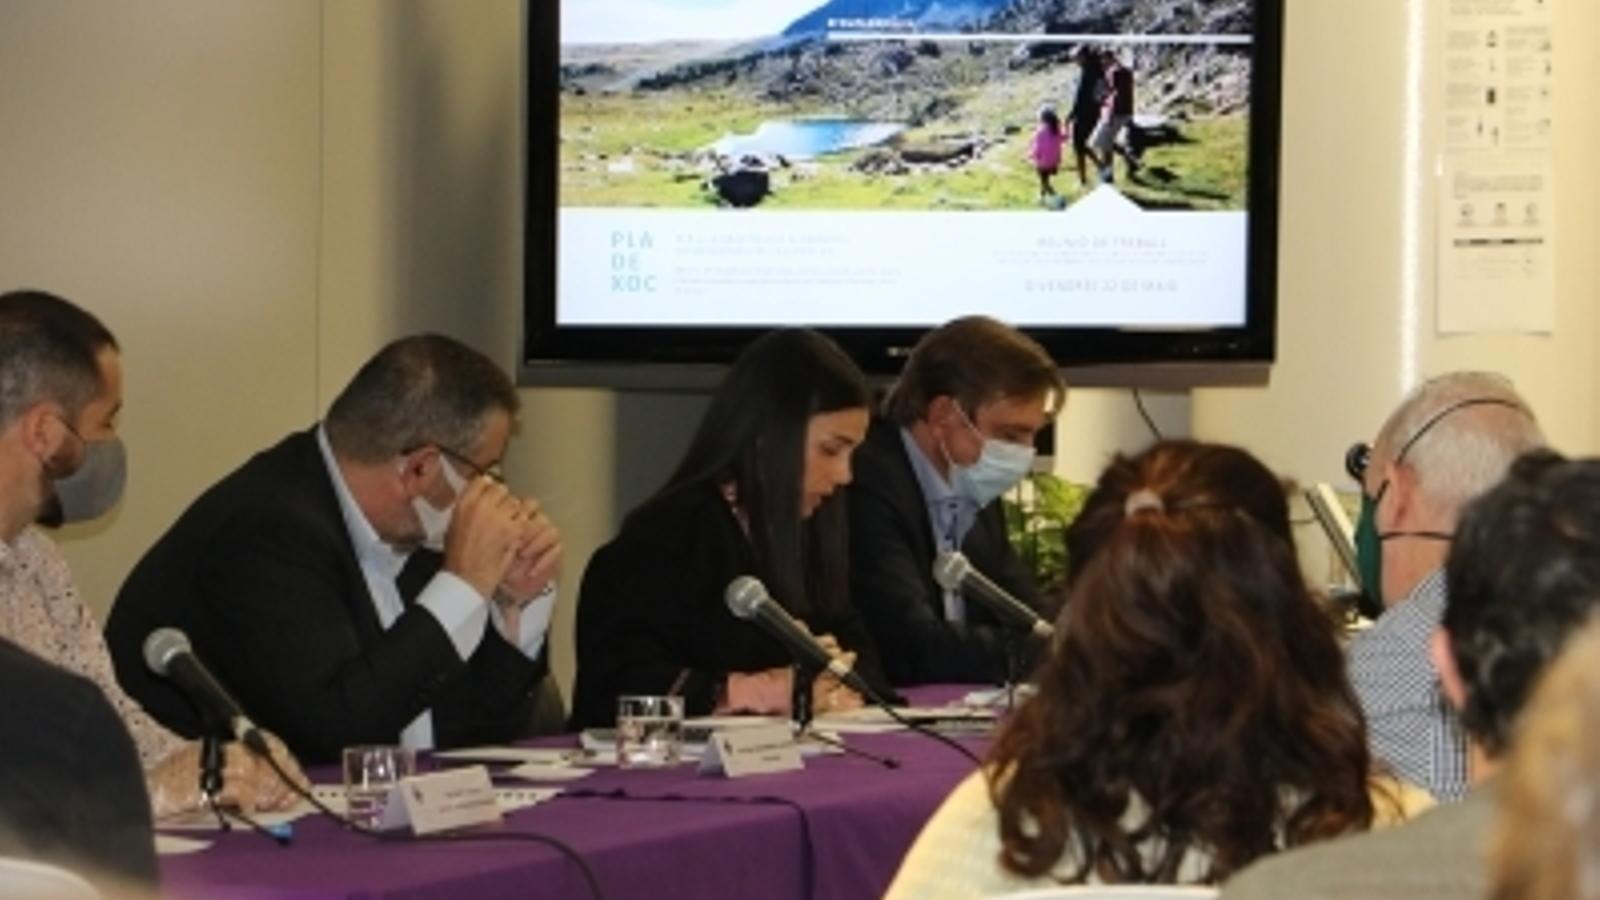 D'esquerra a dreta, Nino Marto, conseller de Reactivació Econòmica, el cònsol menor, Joan Miquel Rascagnères, la cònsol major, Laura Mas, i el conseller Miquel Alís, coordinador de Reactivació Econòmica. / E.C. (ANA)